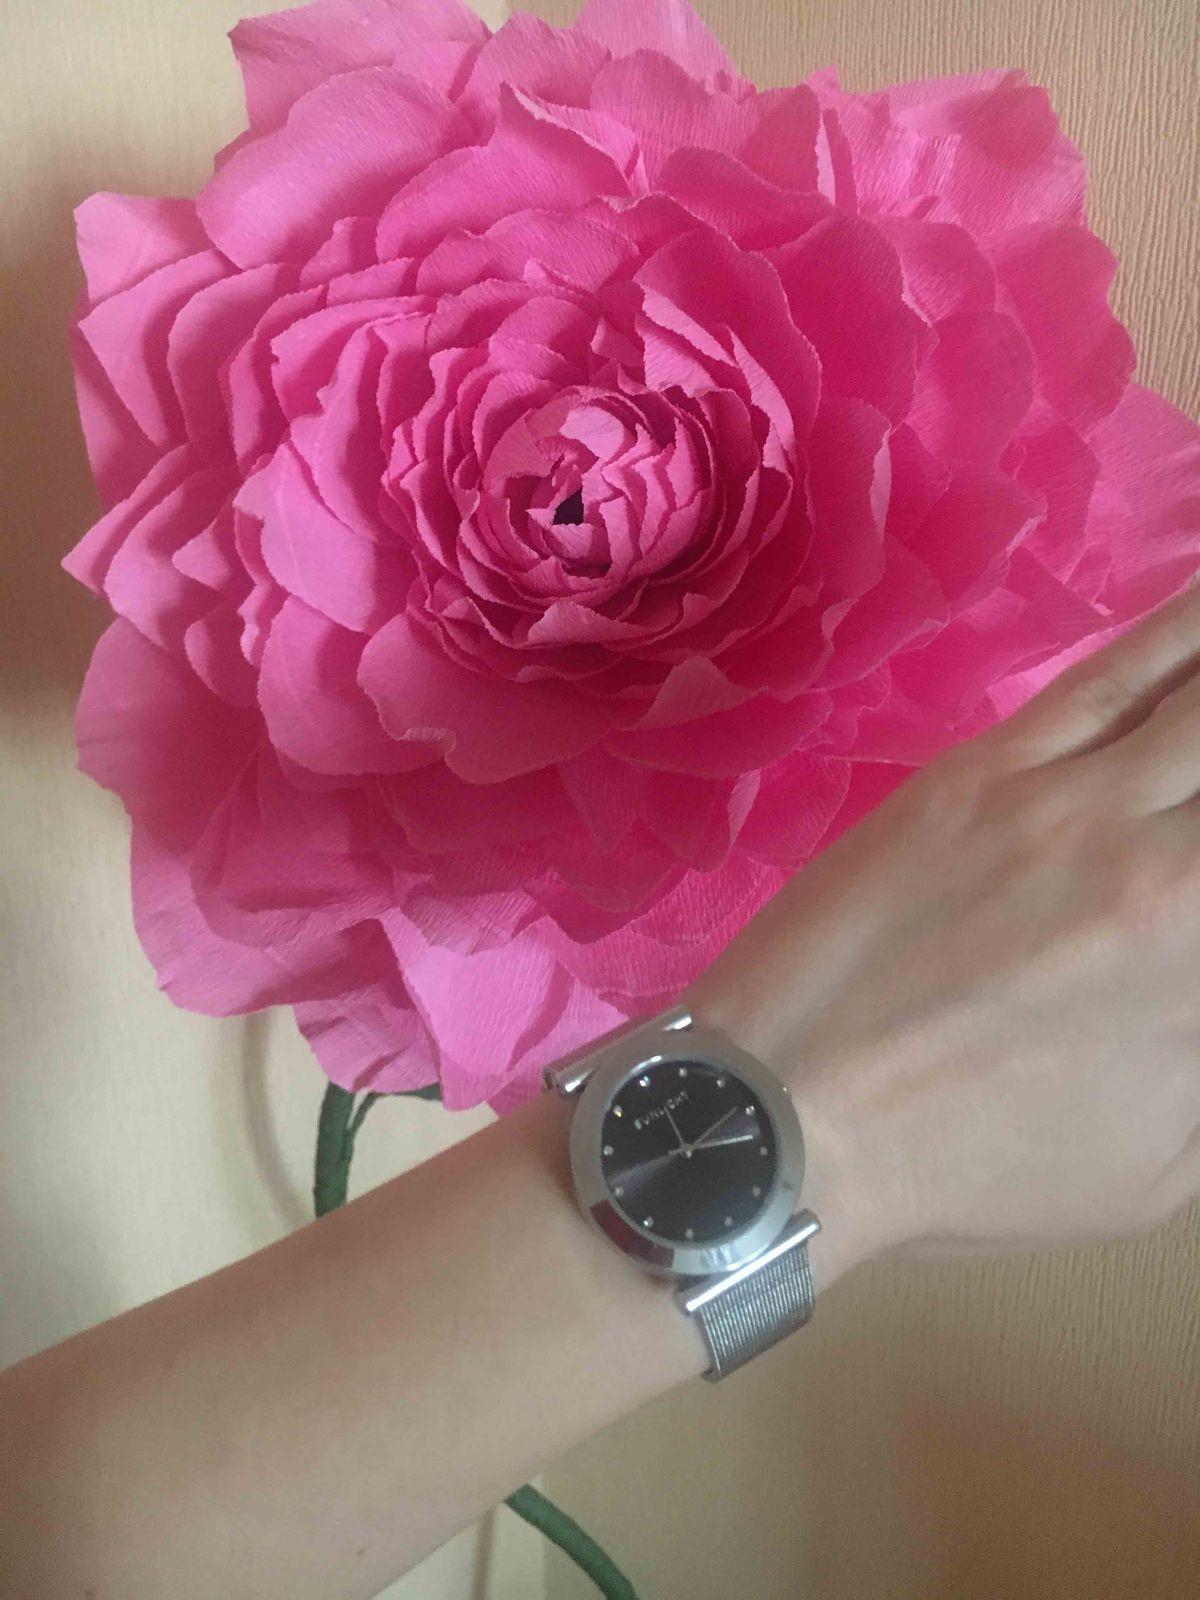 Стильные часы!😍